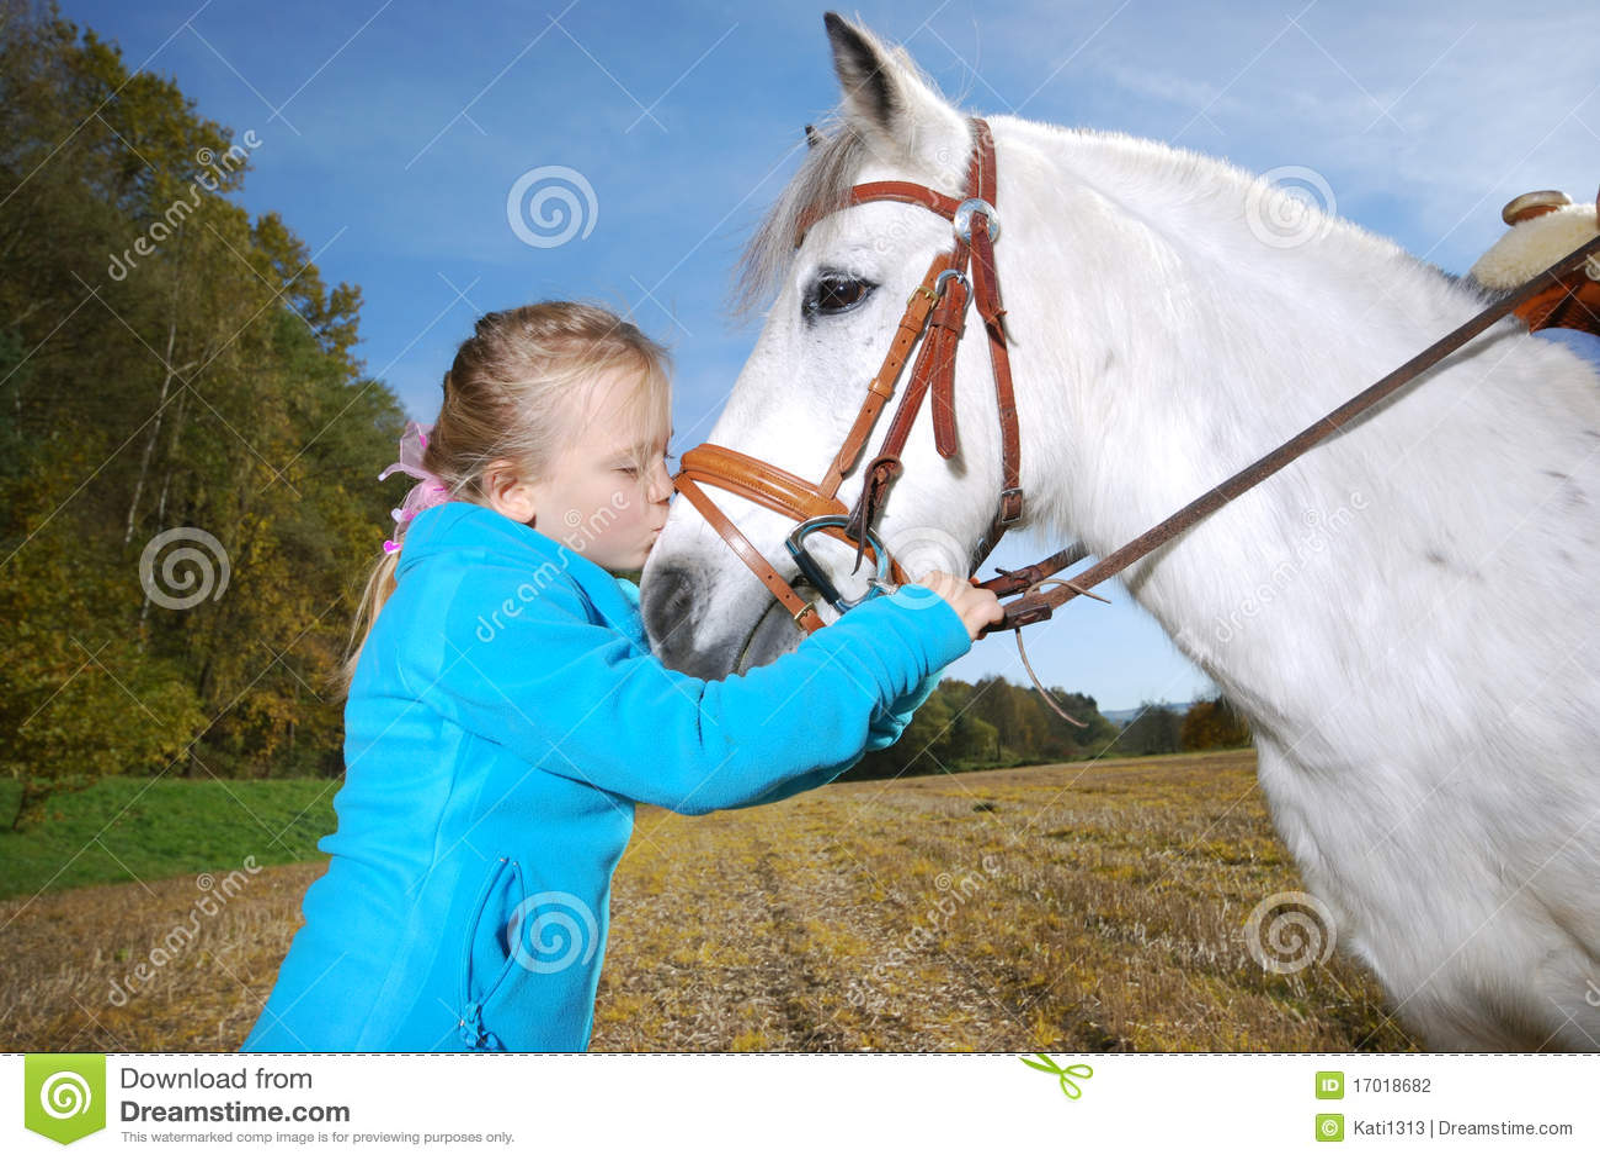 Bambina con il cavallino